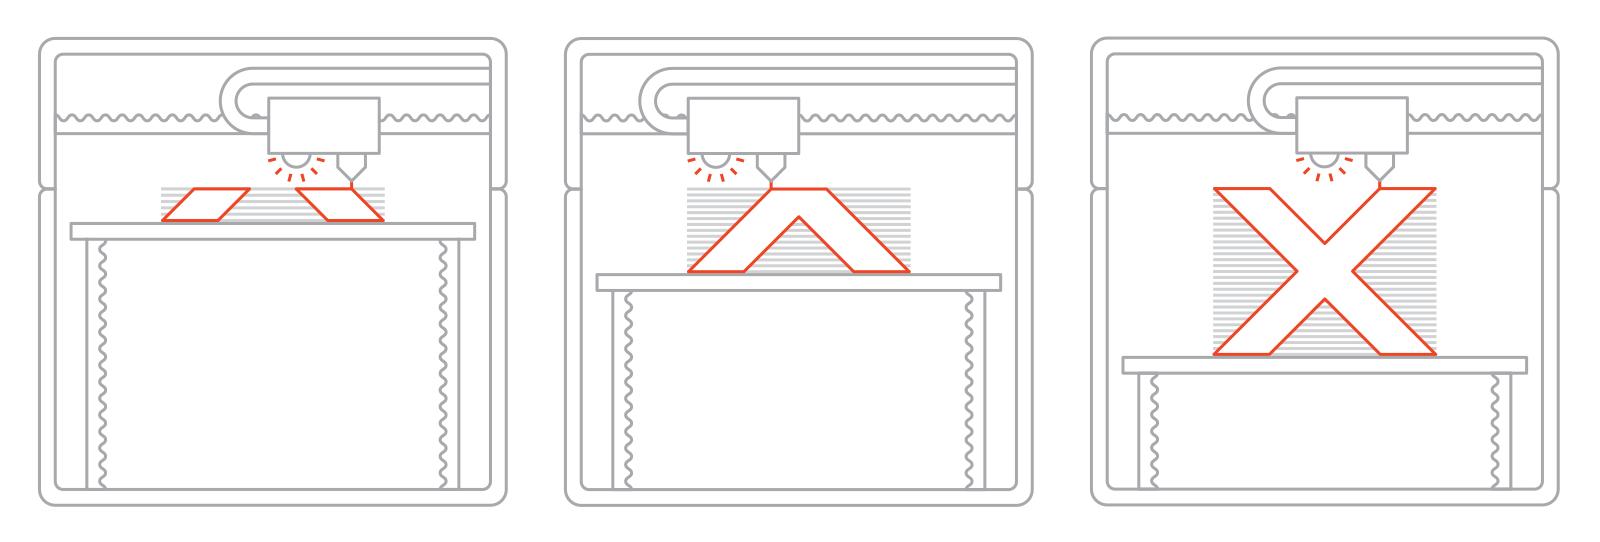 پروسه پرینت سه بعدی متریال جتینگ